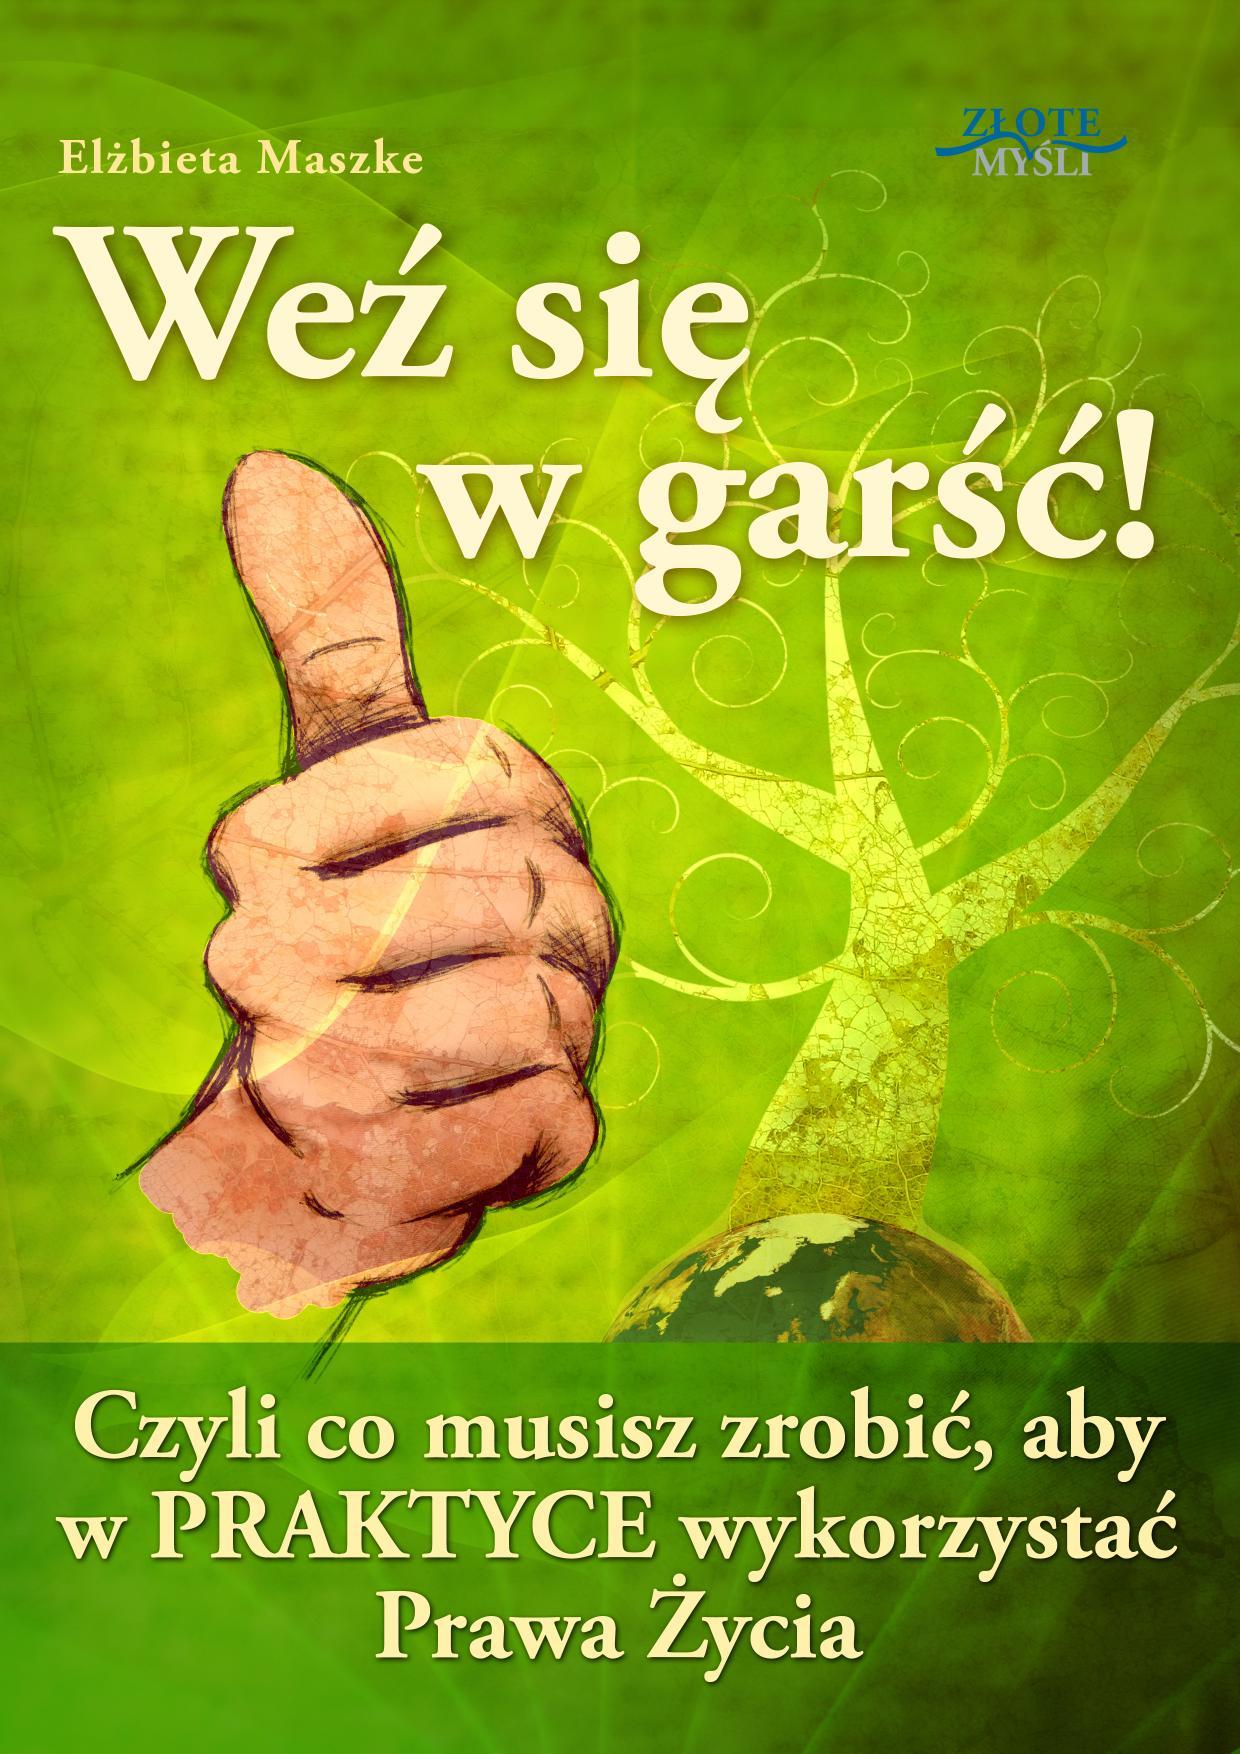 Elżbieta Maszke: Weź się w garść! - okładka